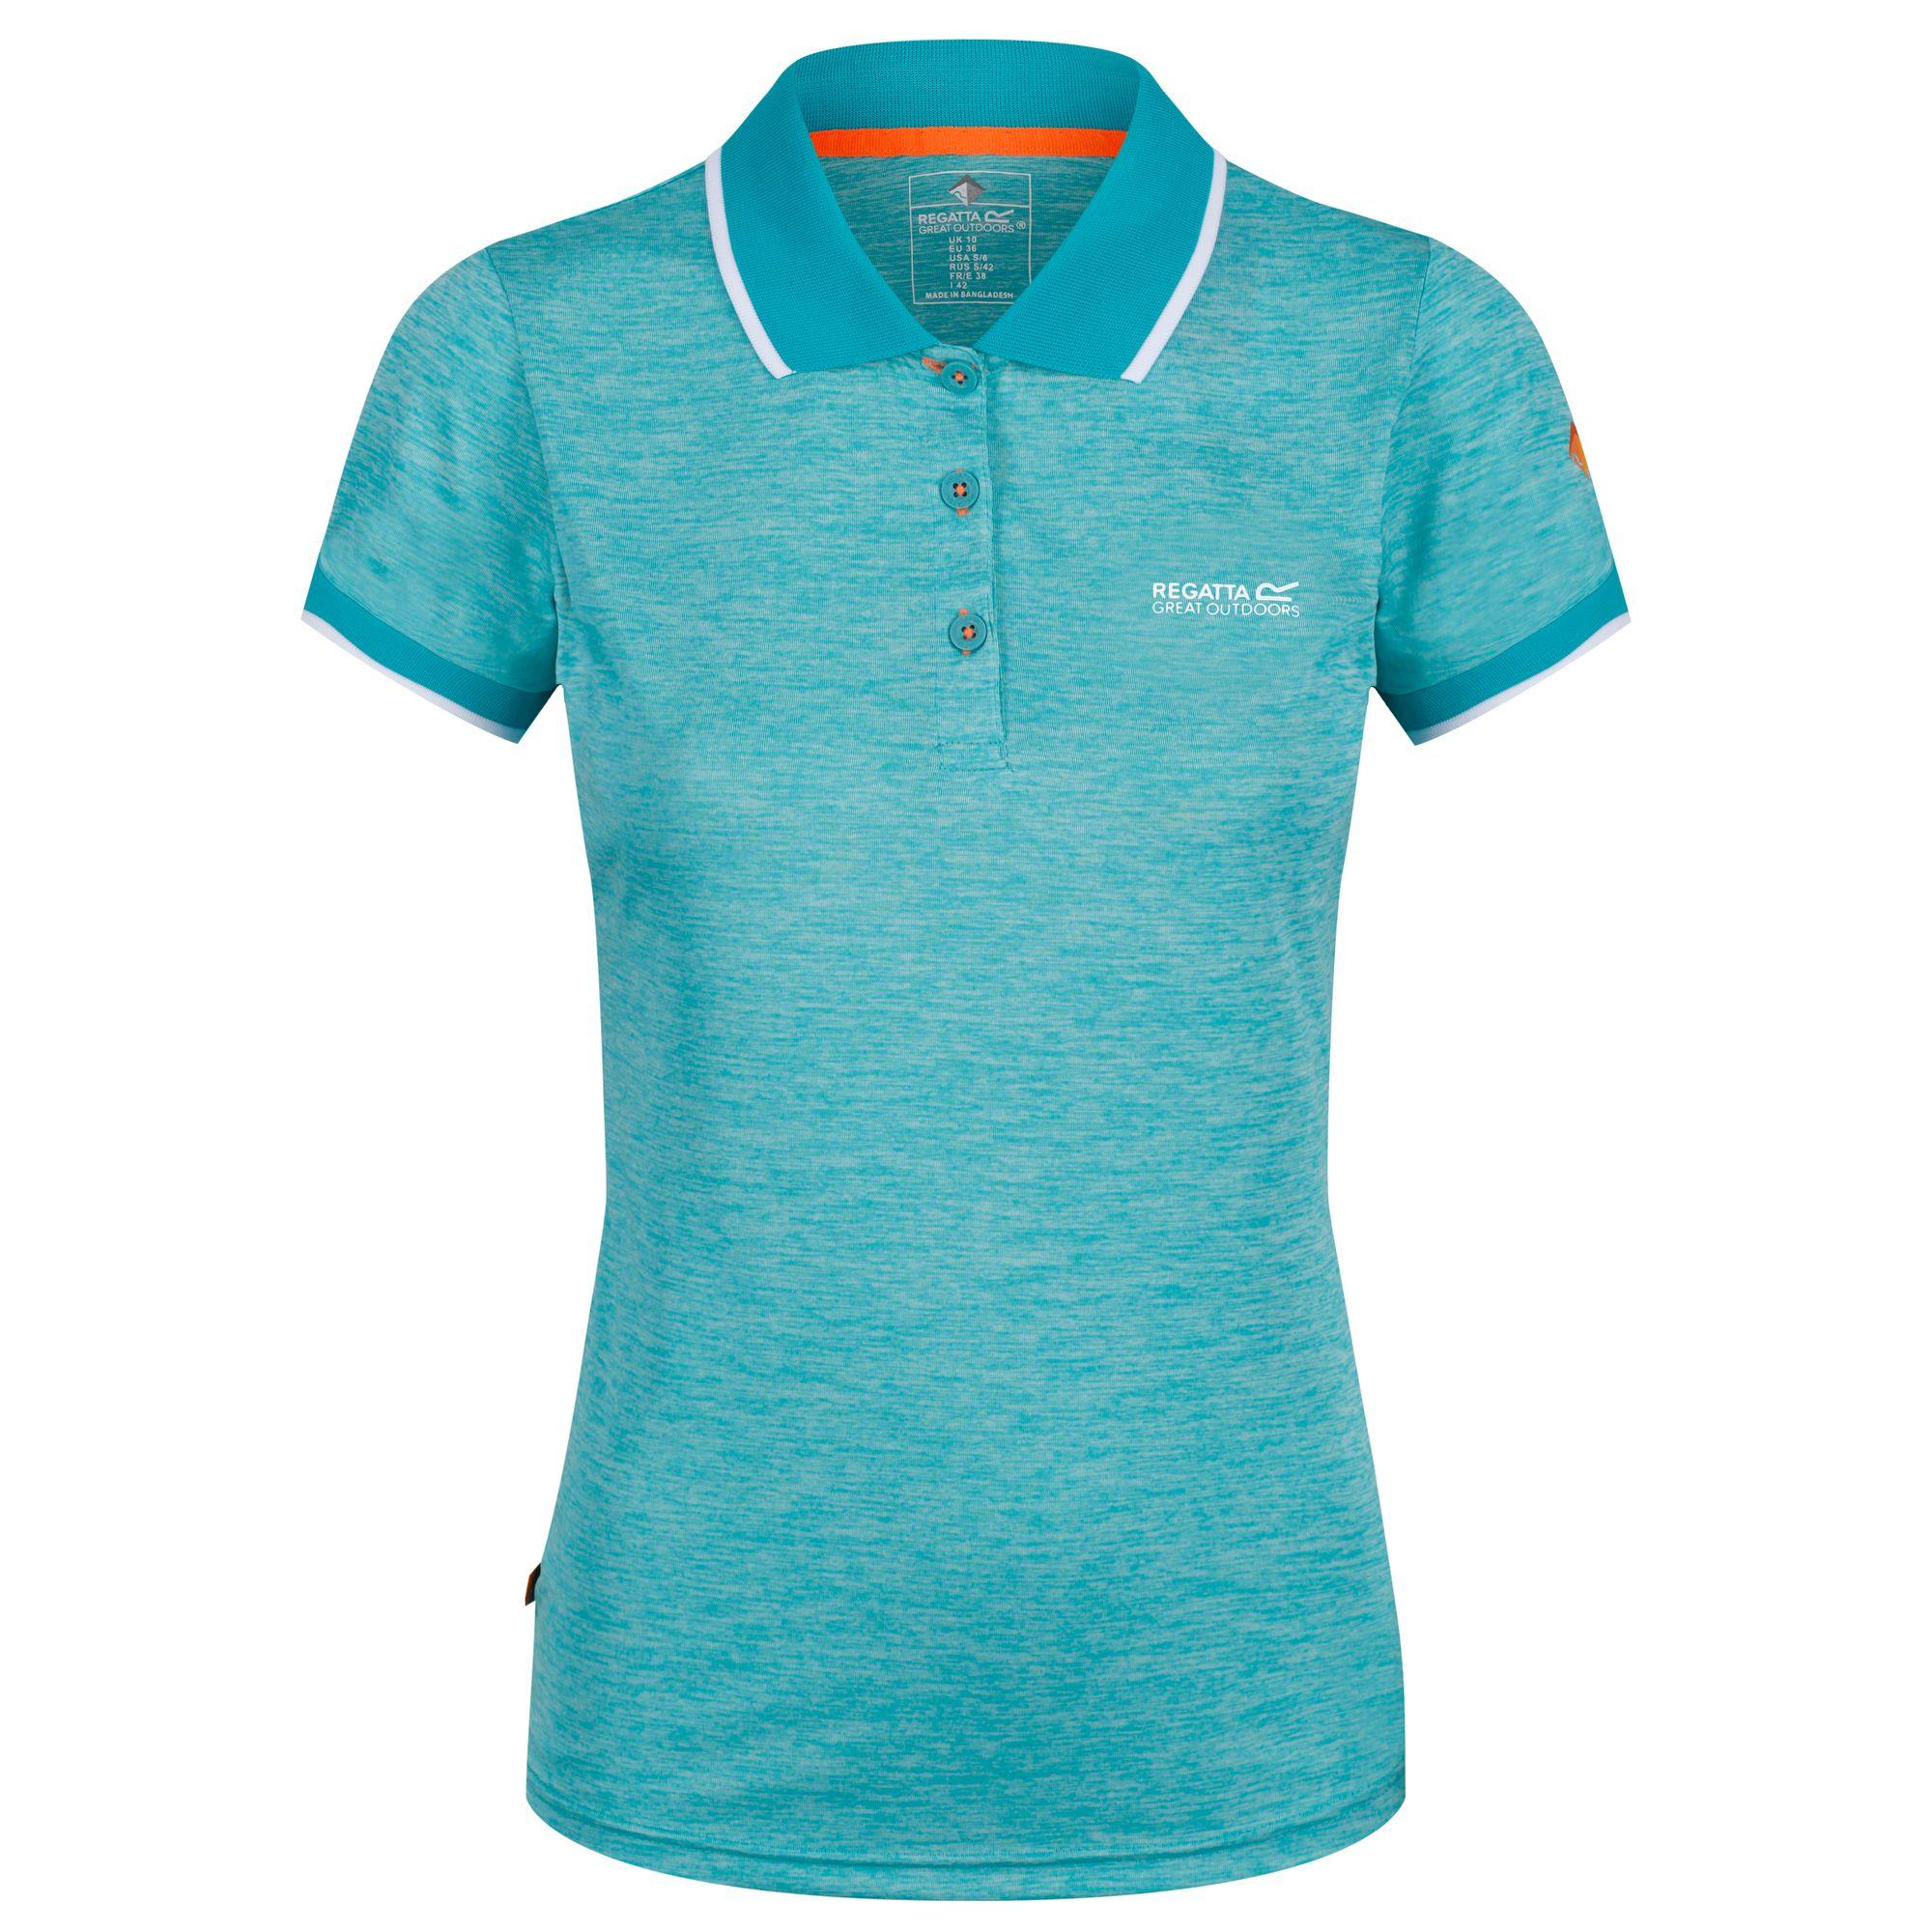 Regatta-Womens-Ladies-Remex-II-Polo-Neck-T-Shirt-RG4477 thumbnail 16